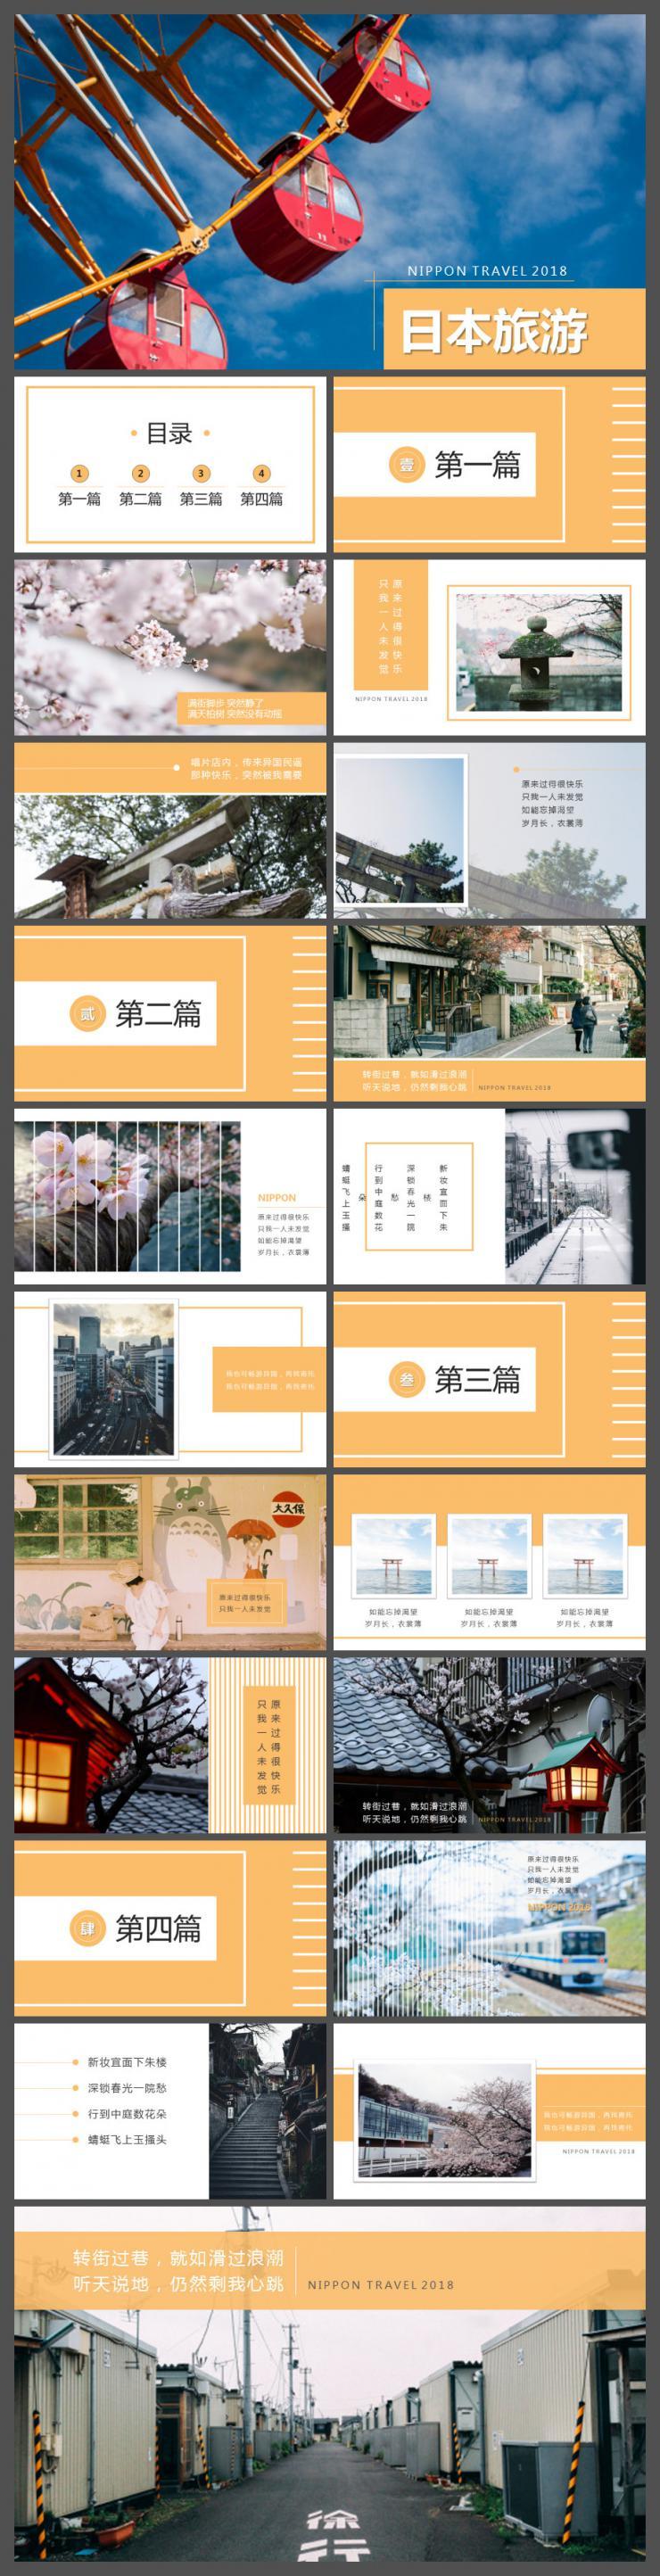 唯美小清新日本旅游相册PPT模板